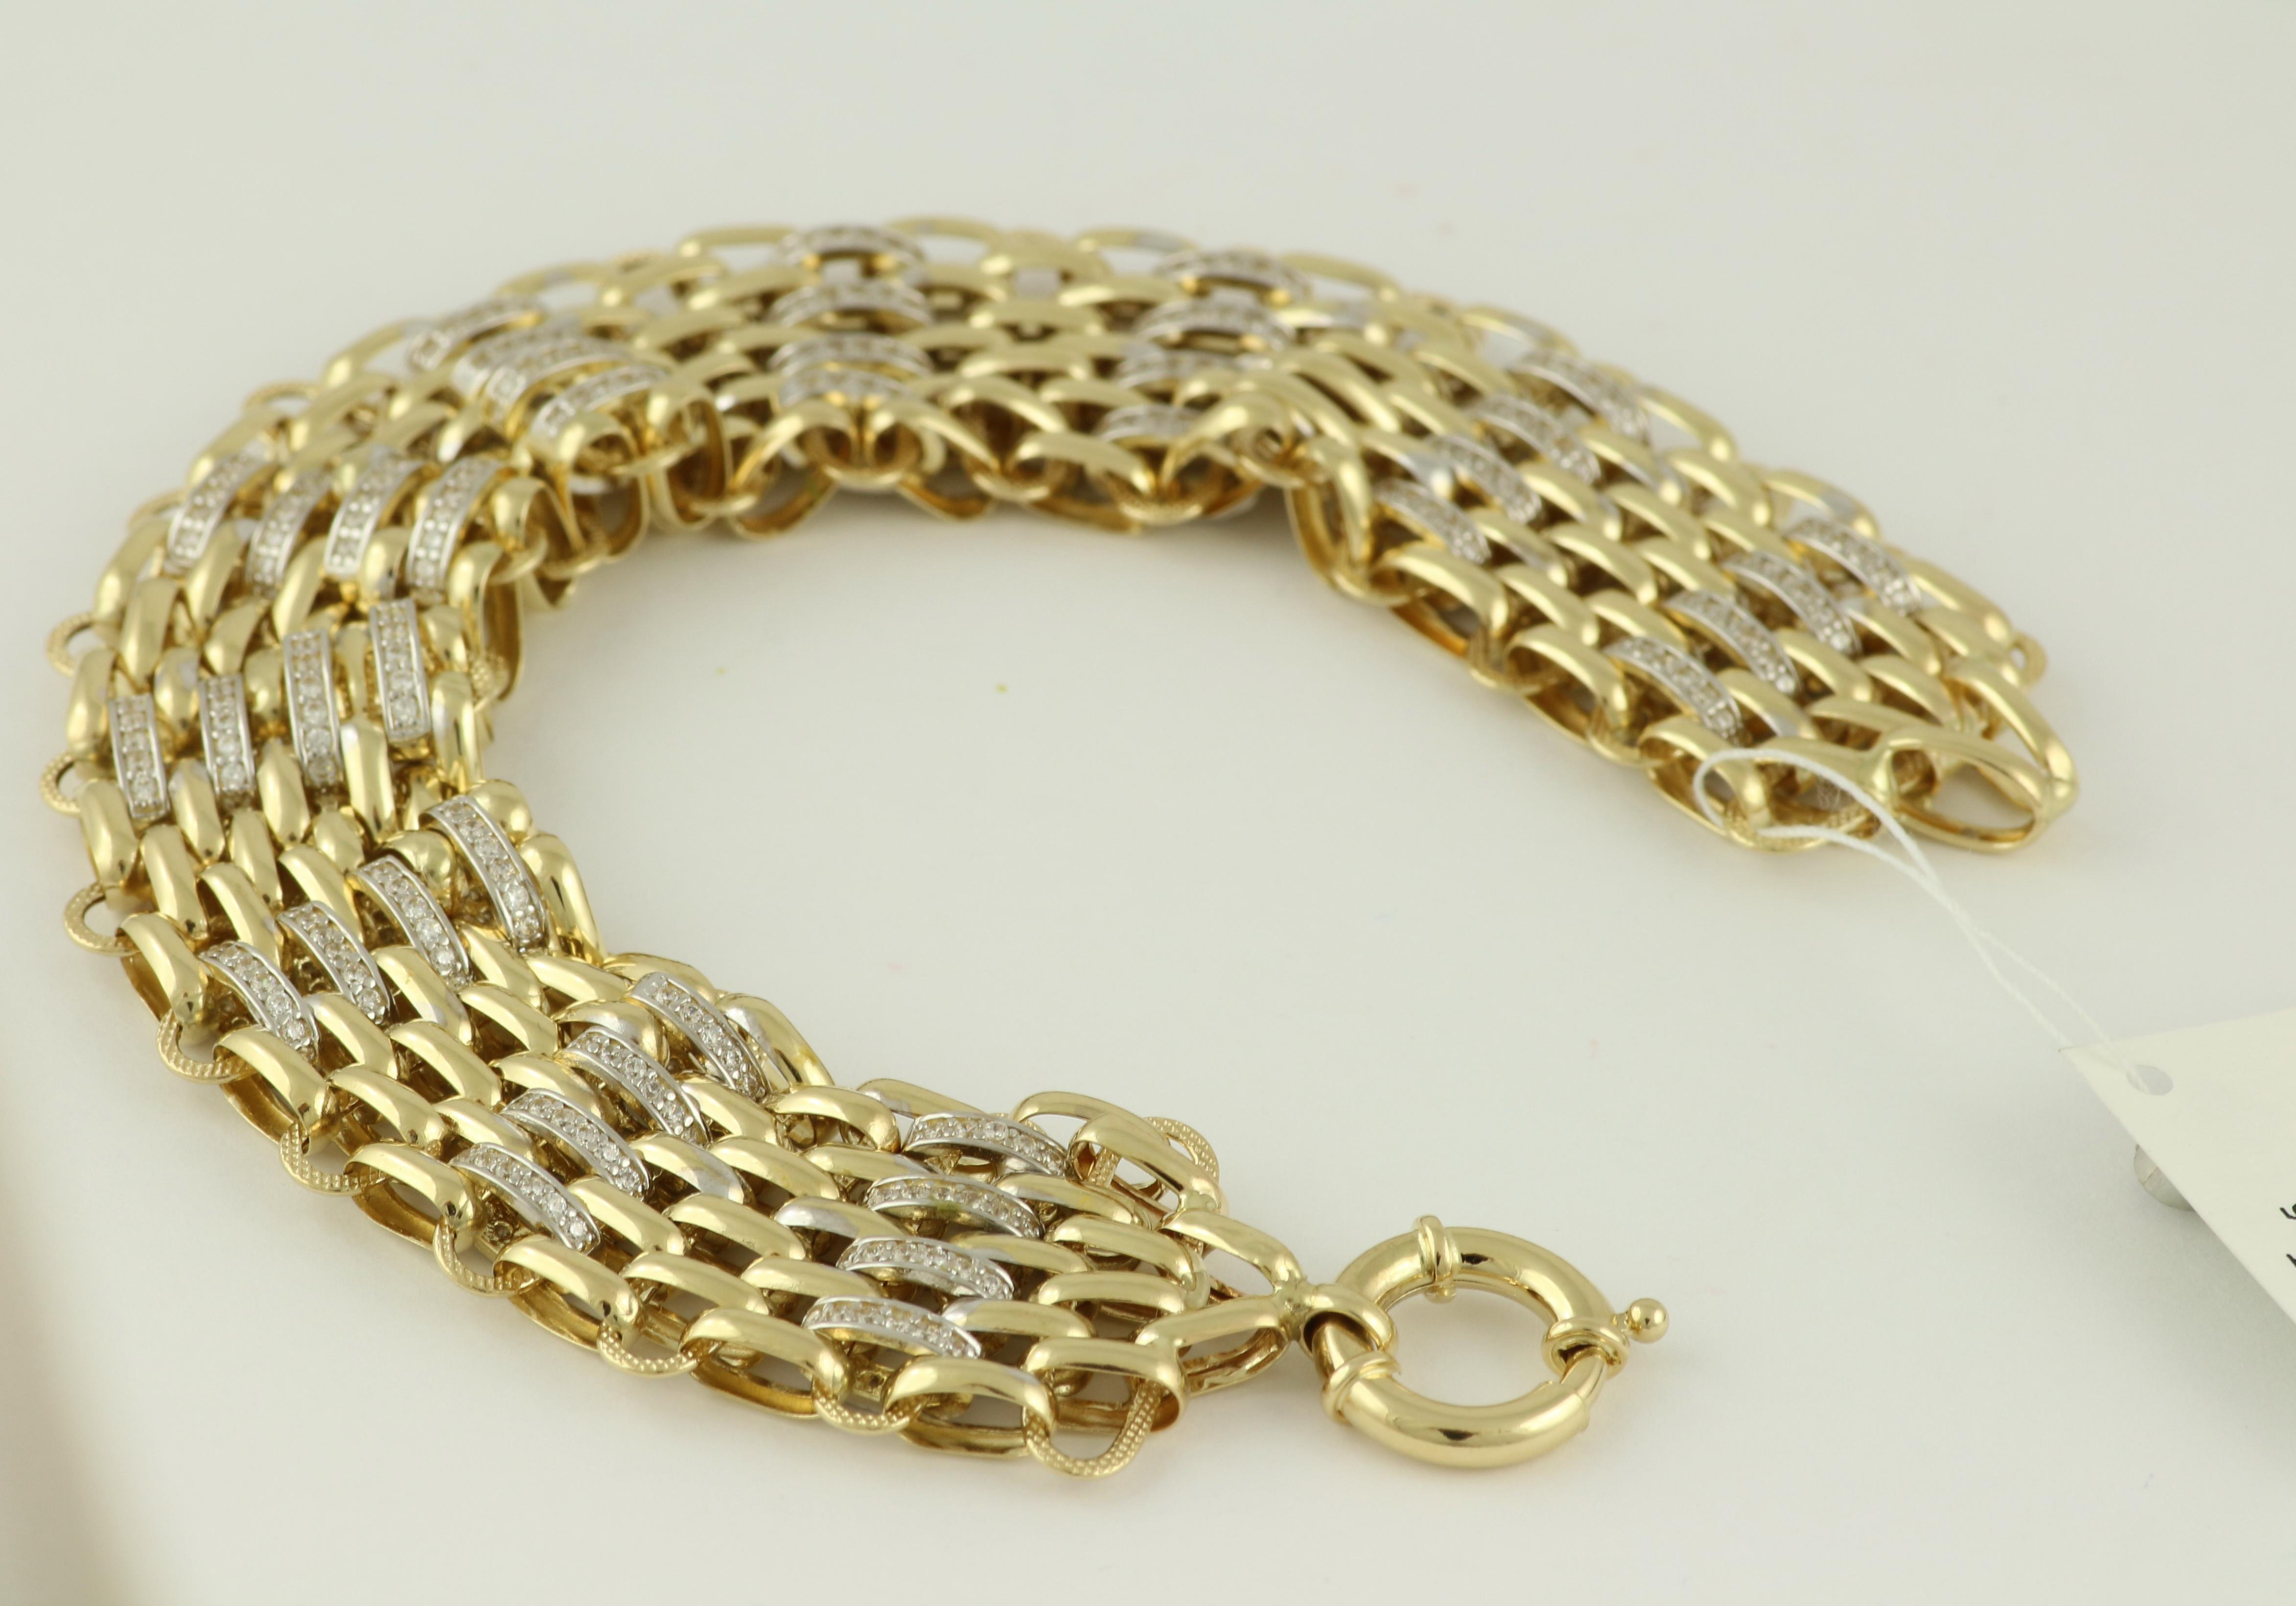 Если вы планируете приобрести золотой браслет в качестве подарка на юбилей,  день рождения или другой особый случай, сделайте его уникальным, придайте  ему ... b4f27c65e2e